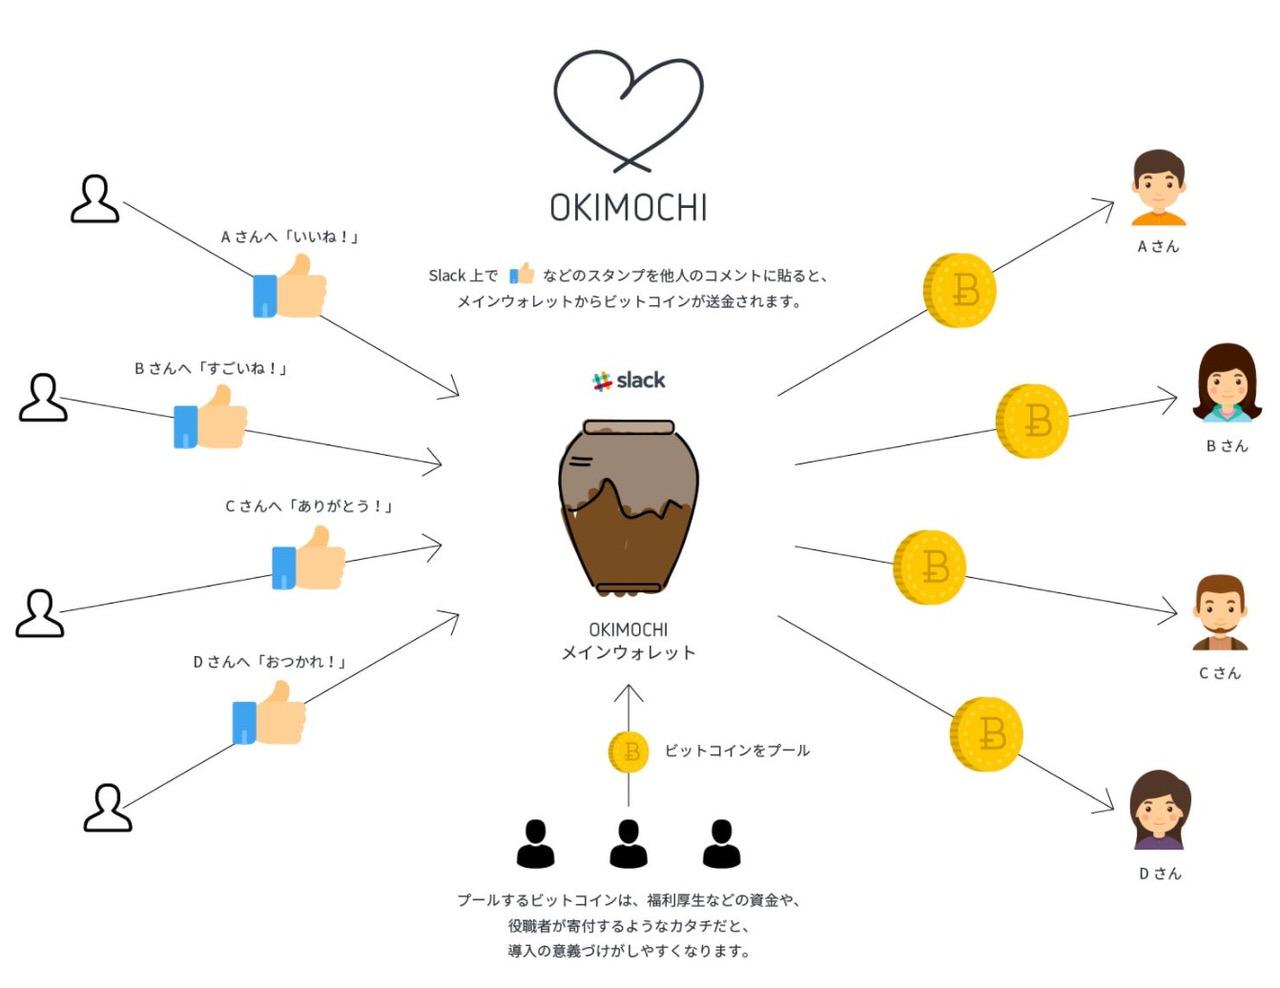 Slackでいいねの気持ちと共に少額のビットコインを送金できるbot「OKIMOCHI」